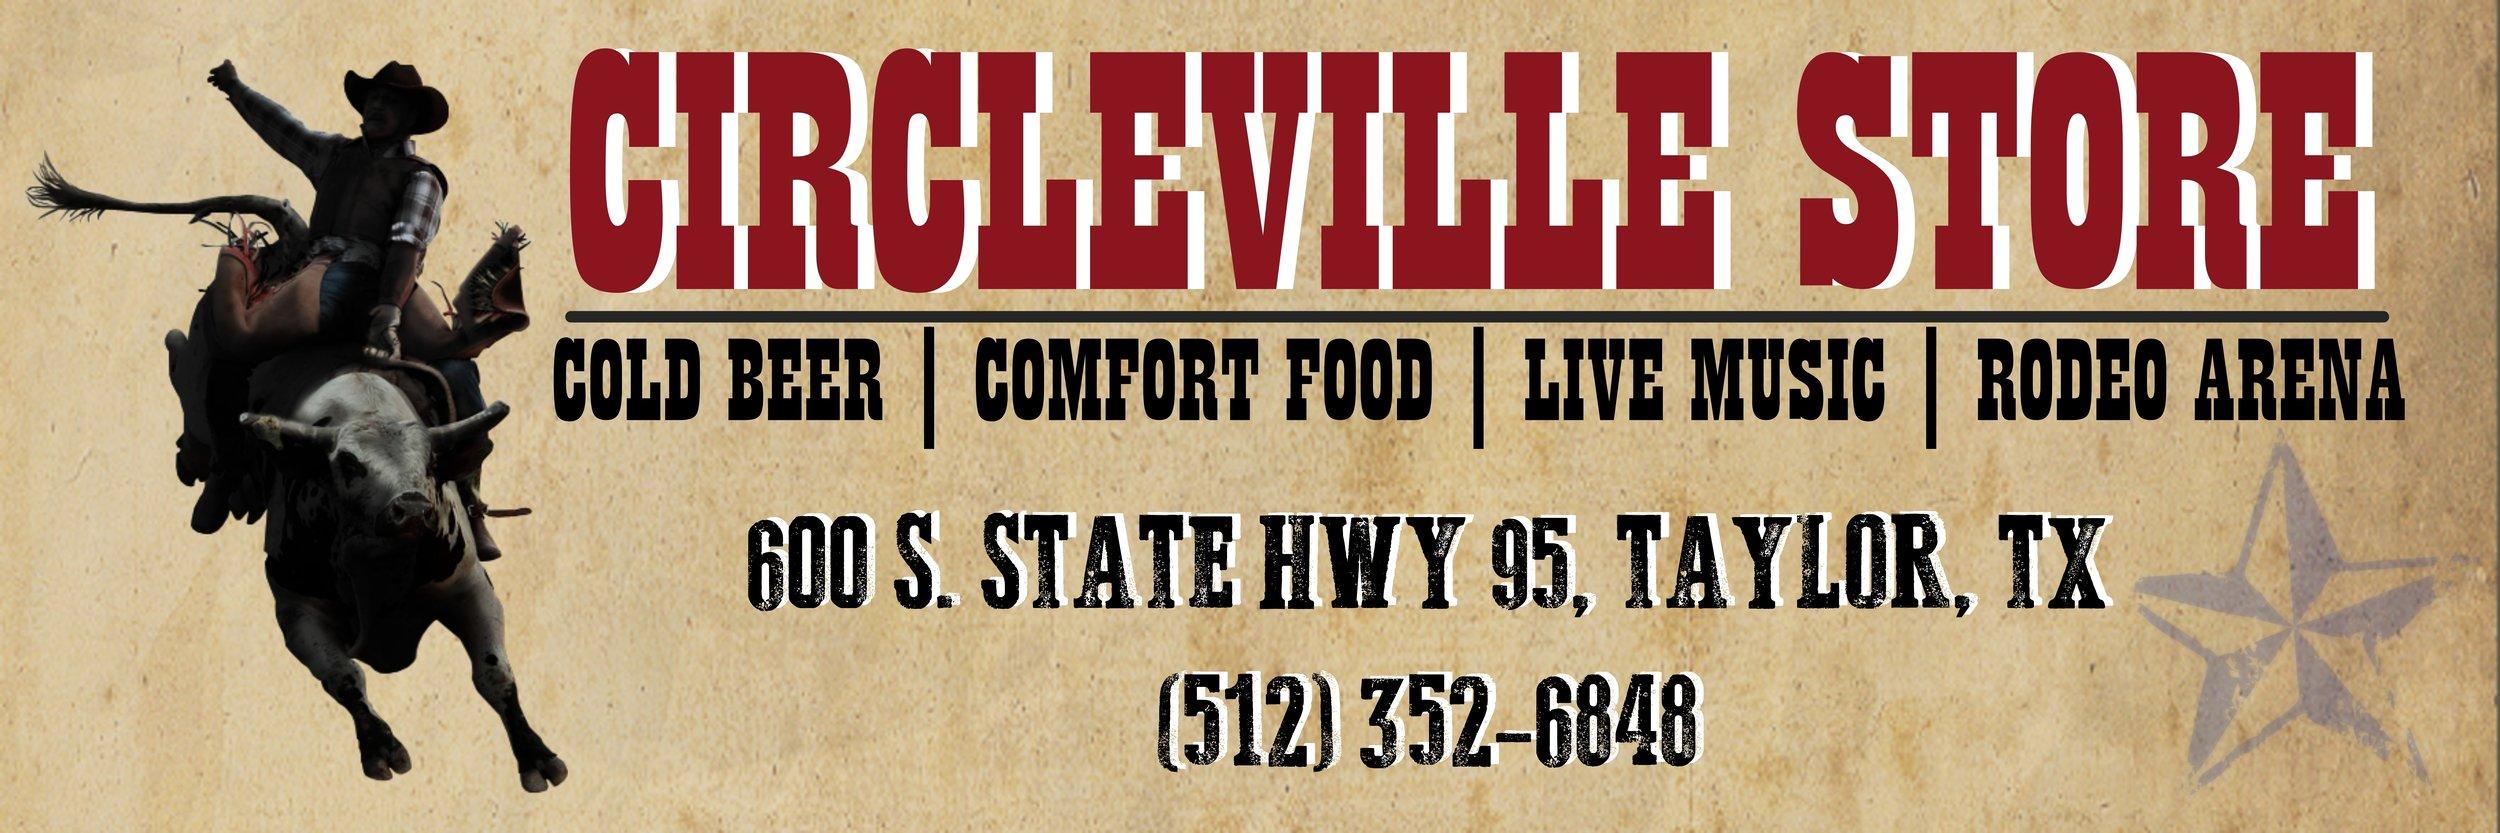 Circelville Store Banner.jpg